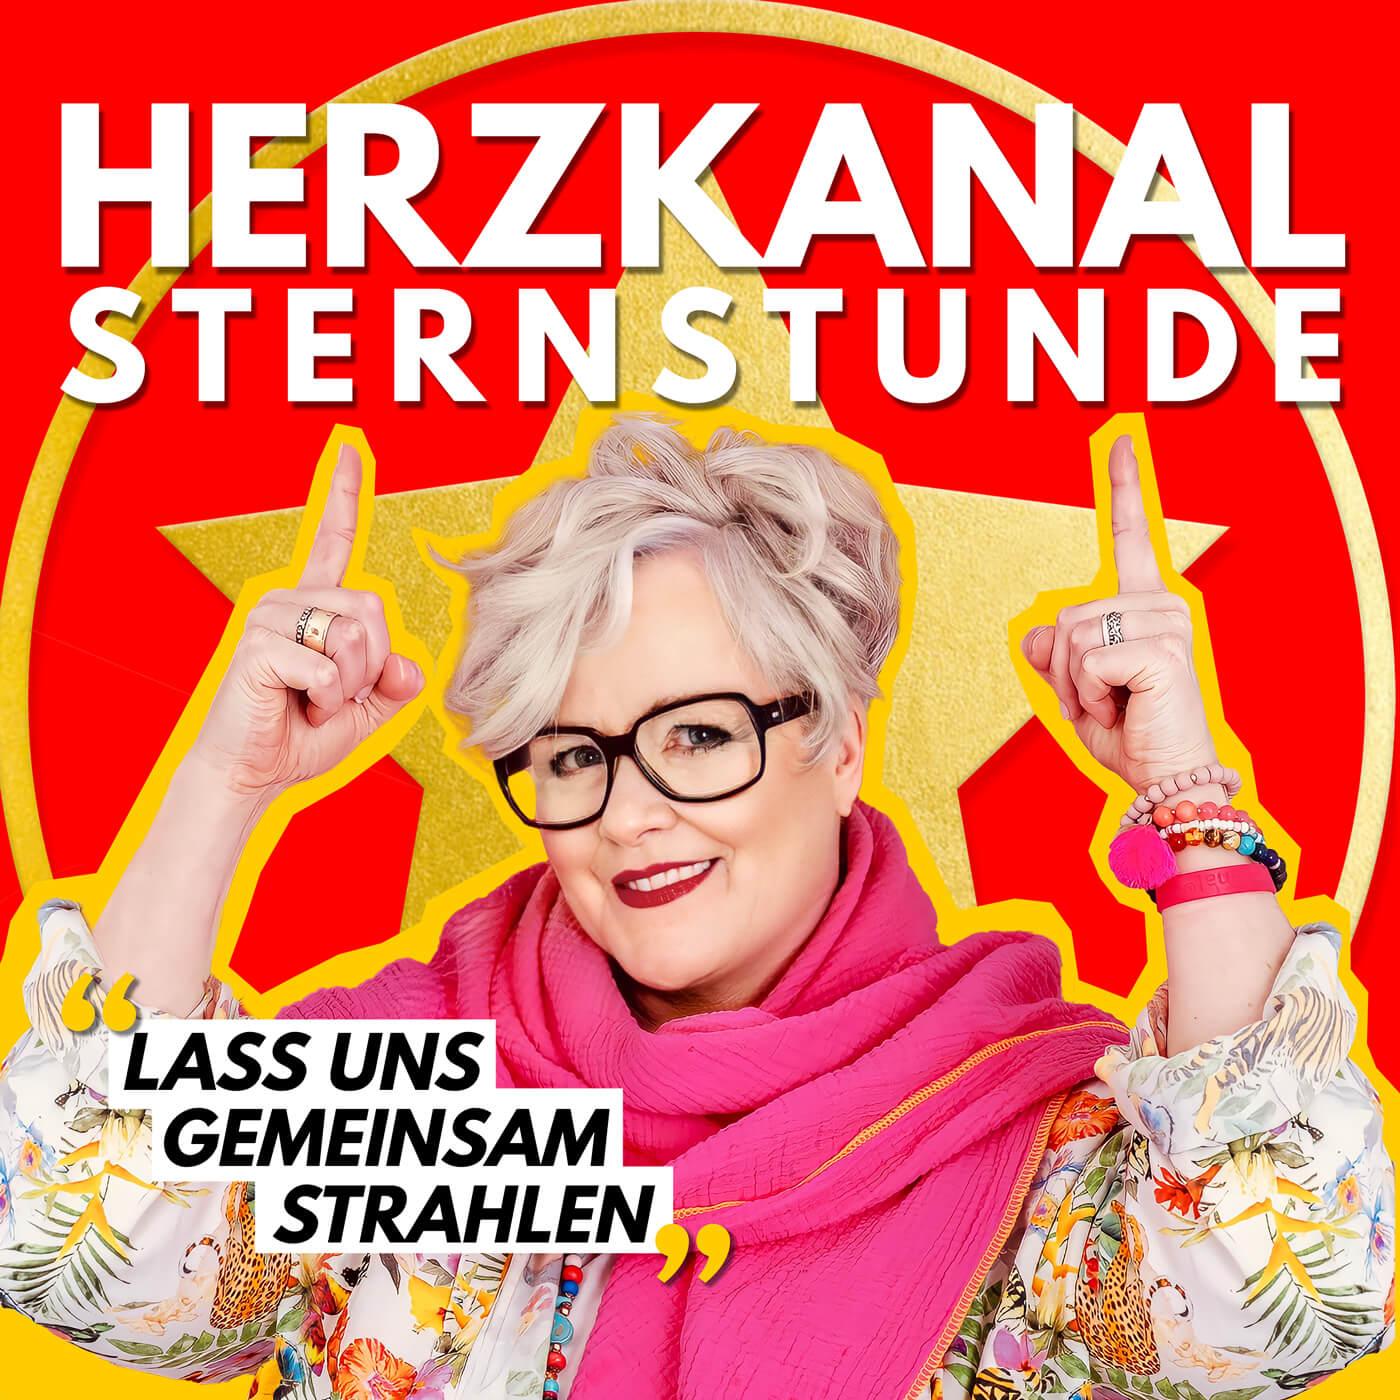 Podcast - Herzkanal Sternstunde - Alexandra Ballhorn - Armin Ballhorn